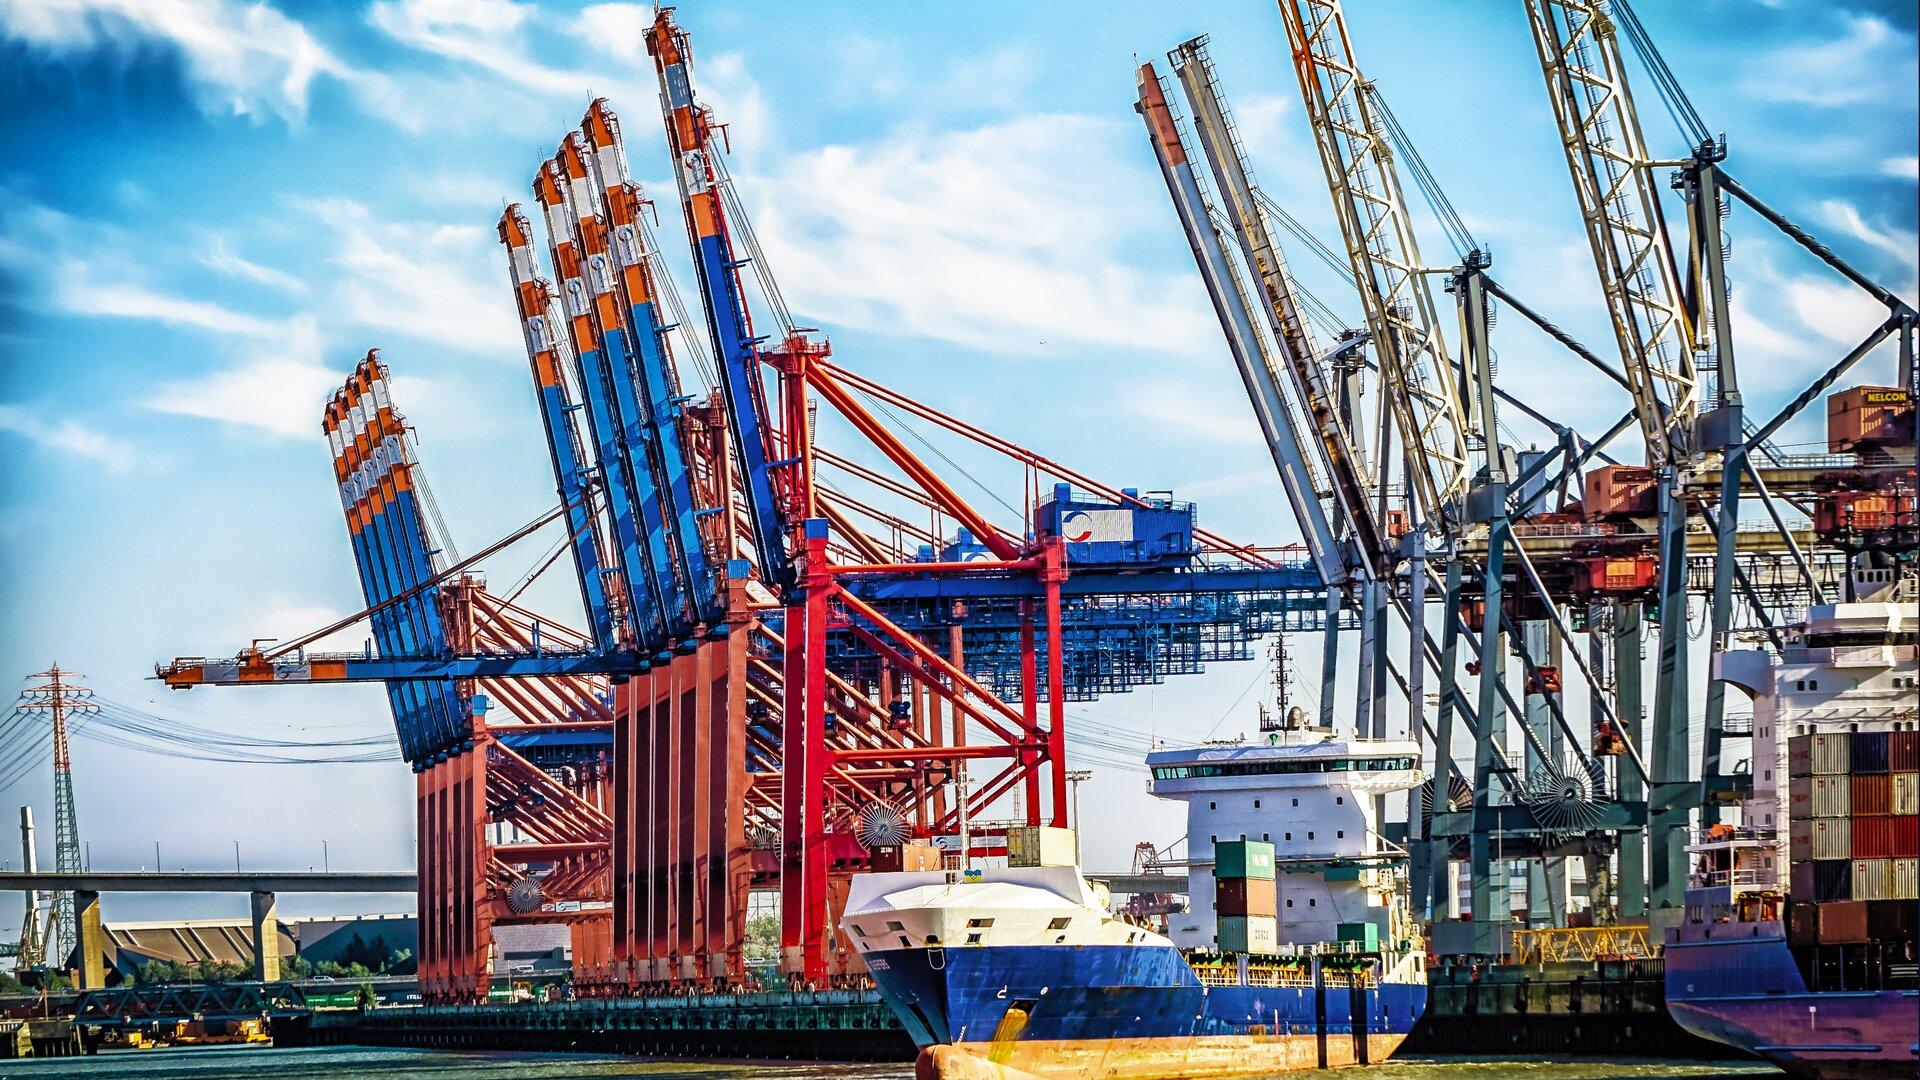 Zdjęcie przedstawia port morski. Na fotografii widać dźwigi wkolorze szarym iczerwono-niebieskim. Wcentrum ilustracji znajduje się statek średniej wielkości, transportujący towary. Po prawej stronie znajduje się większy statek załadowany kontenerami. Woddali widać wiadukt.